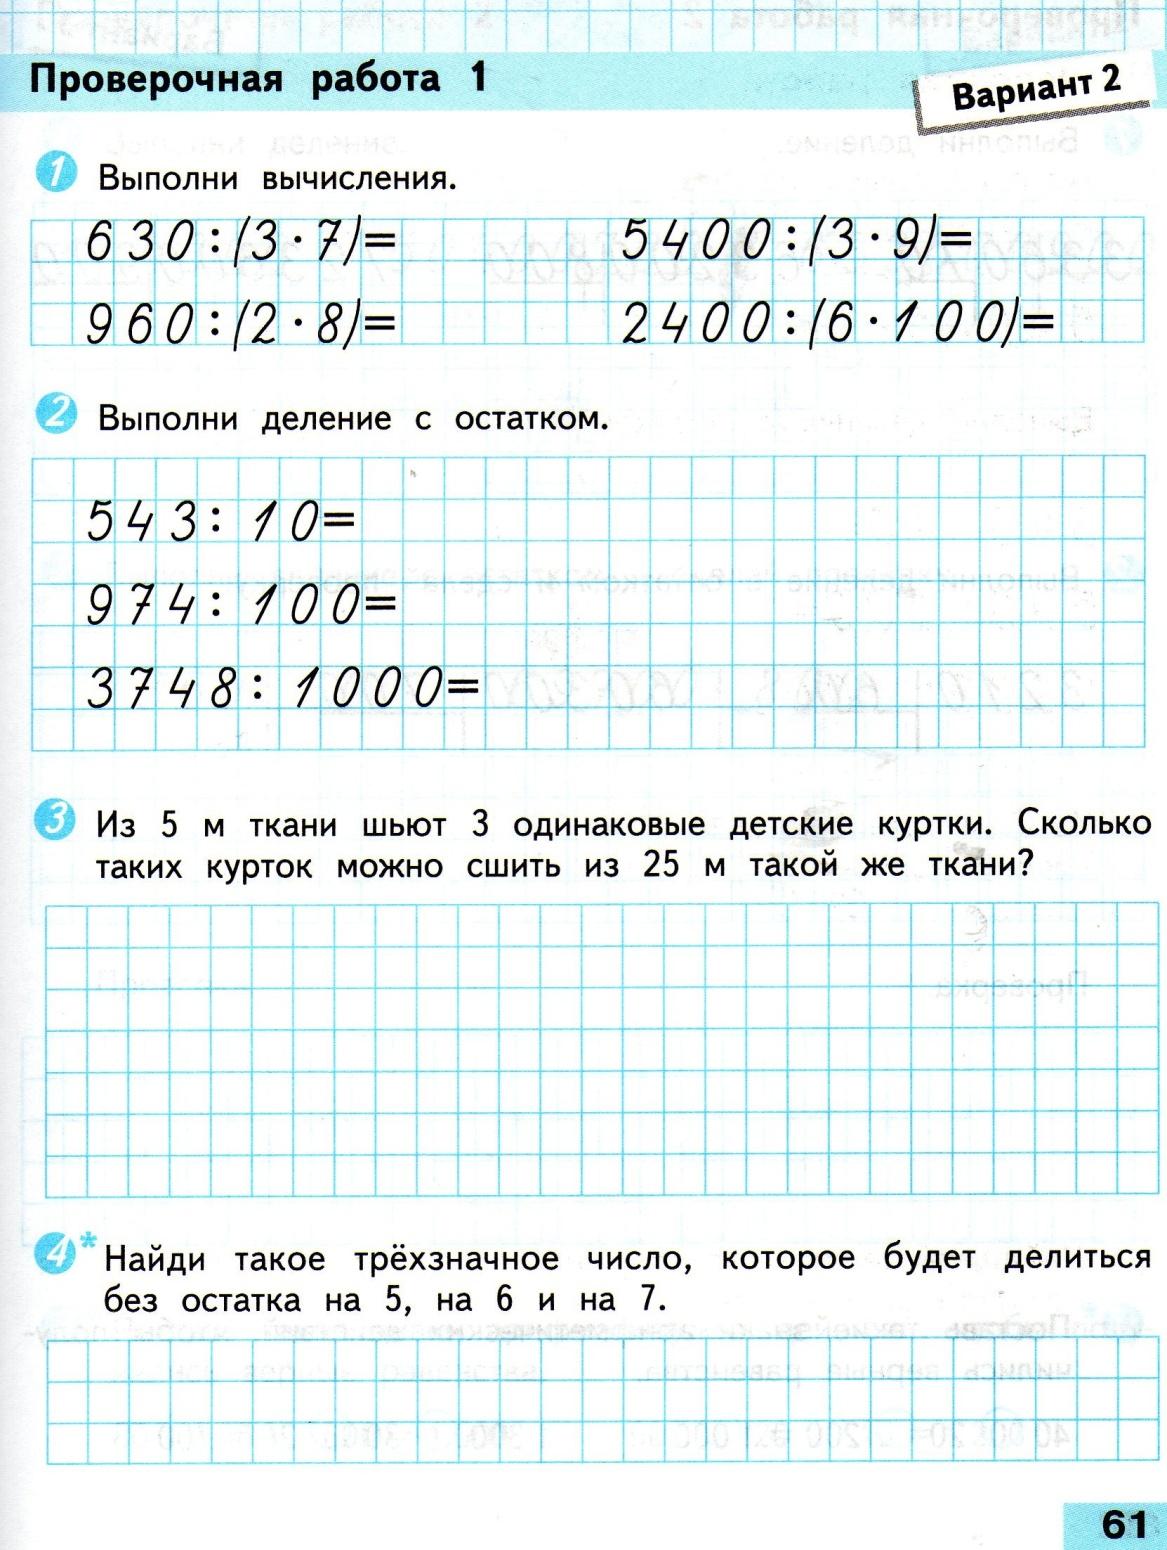 C:\Documents and Settings\Admin\Мои документы\Мои рисунки\1560.jpg